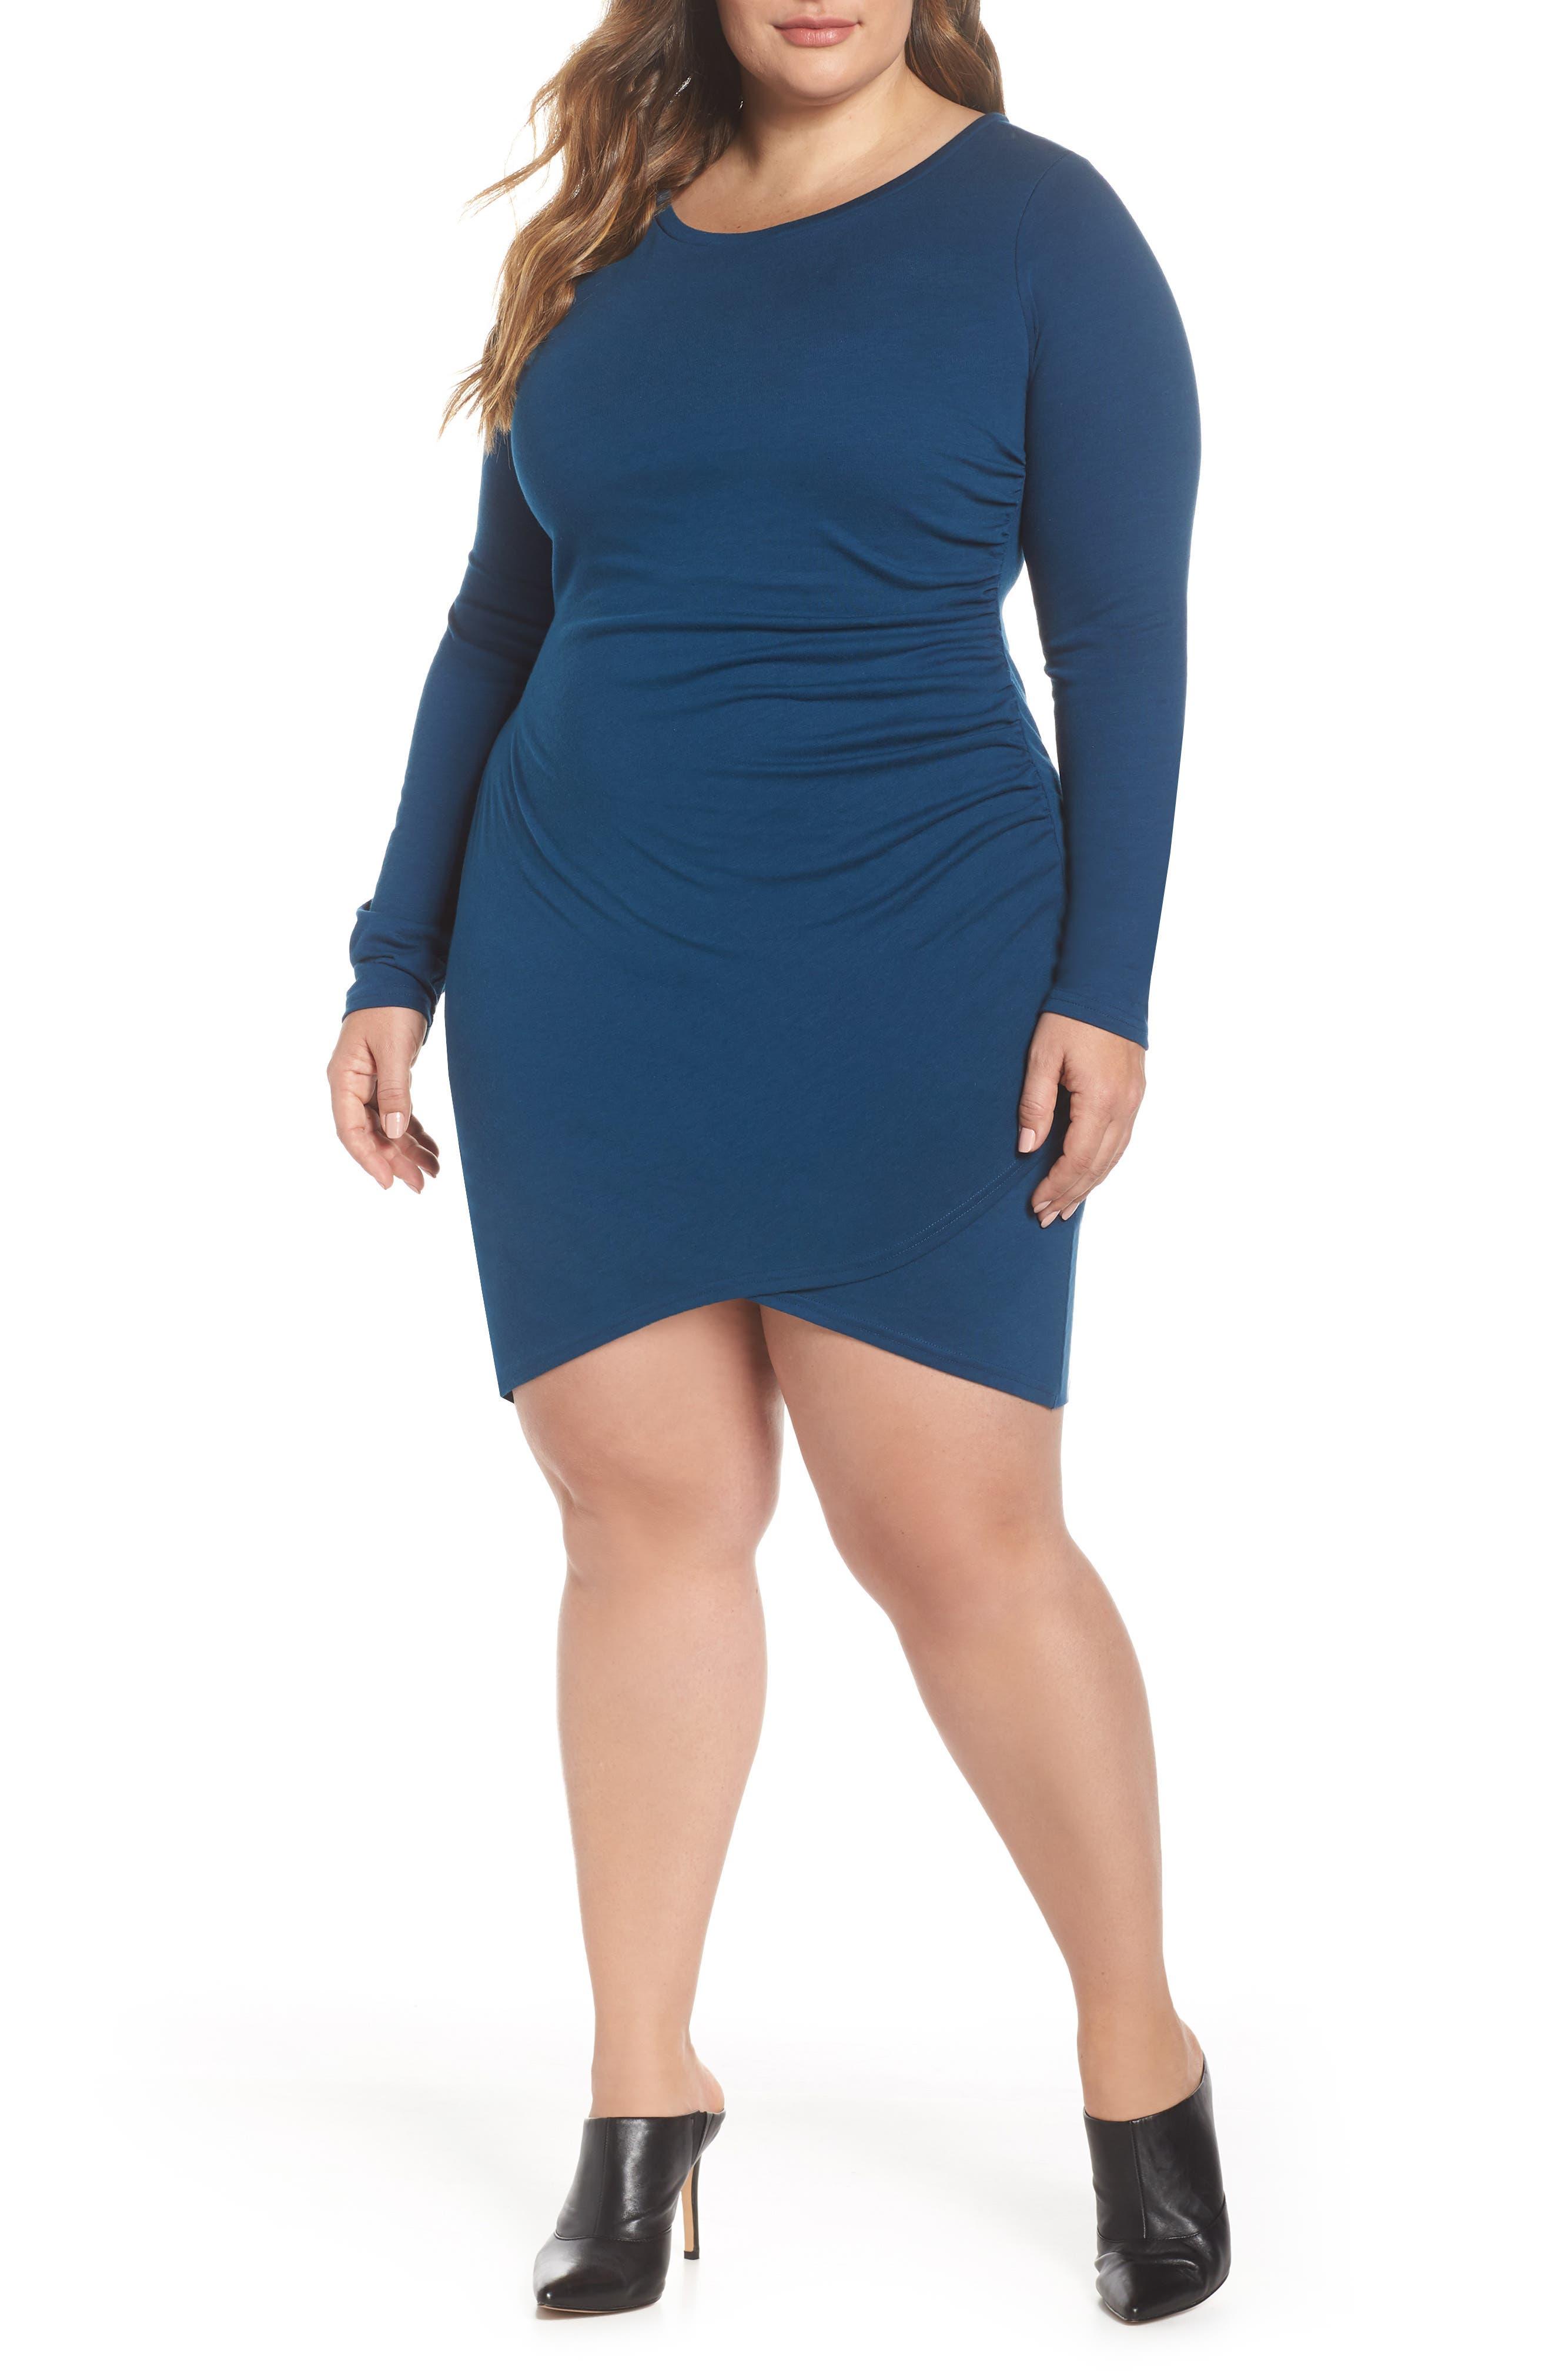 6a3285d57de Leith Plus-Size Party Dresses